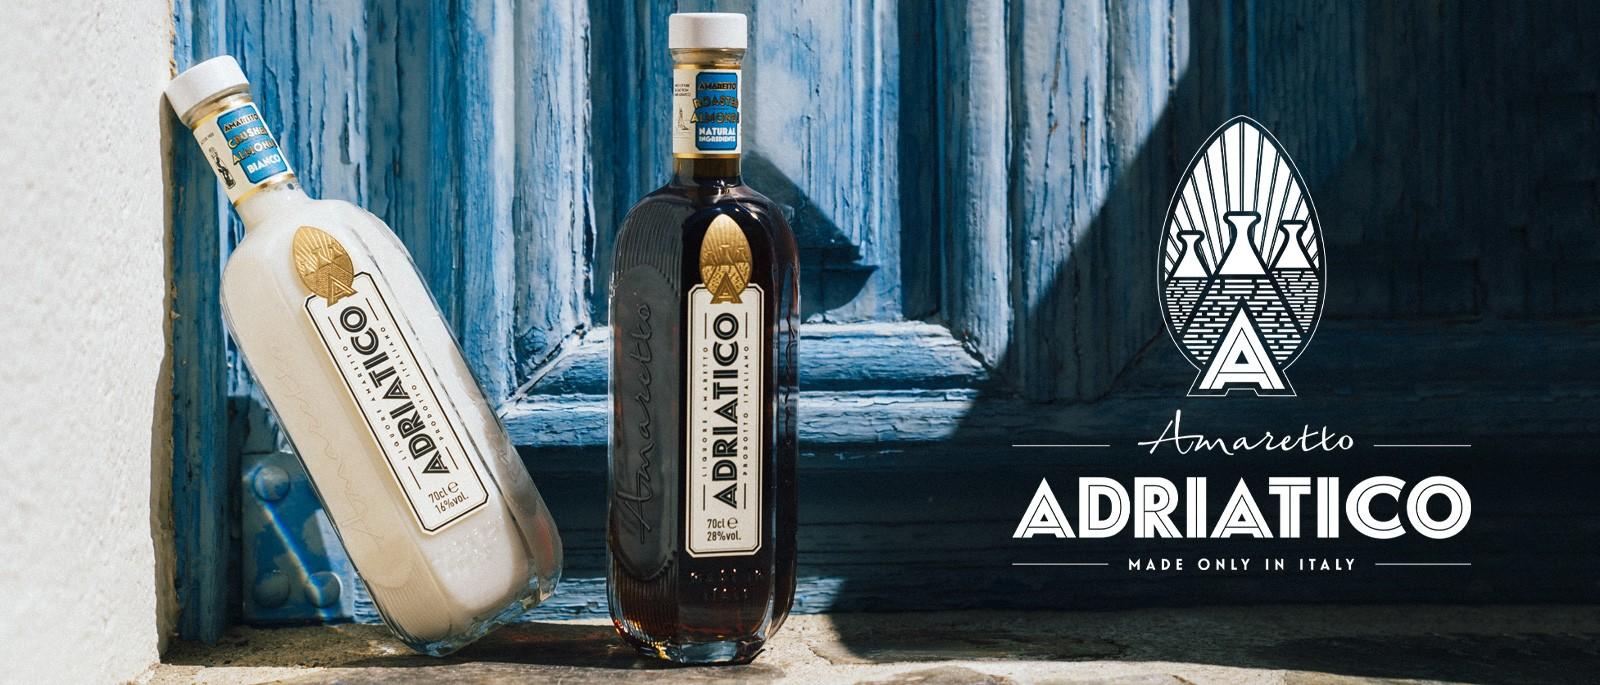 Amaretto Adriatico Liquore